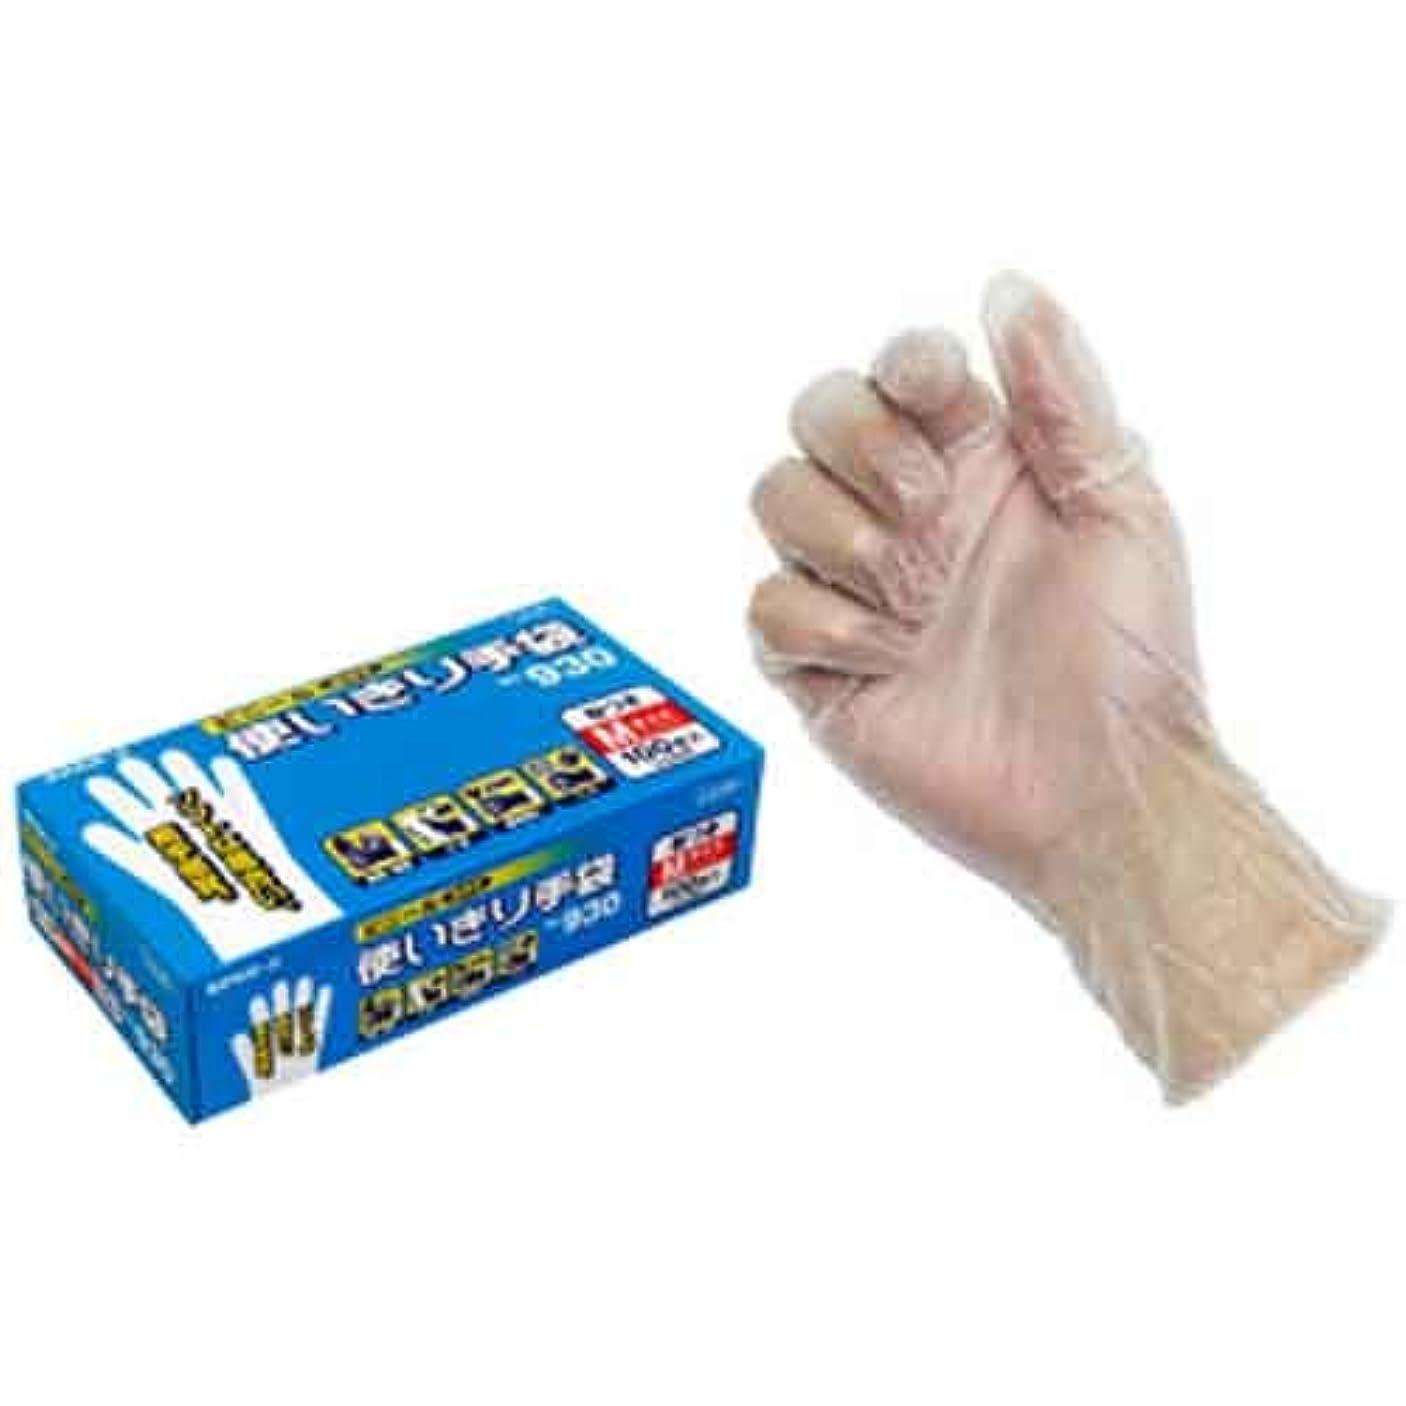 ビニール使いきり手袋(粉付)100枚入(箱) 930 M